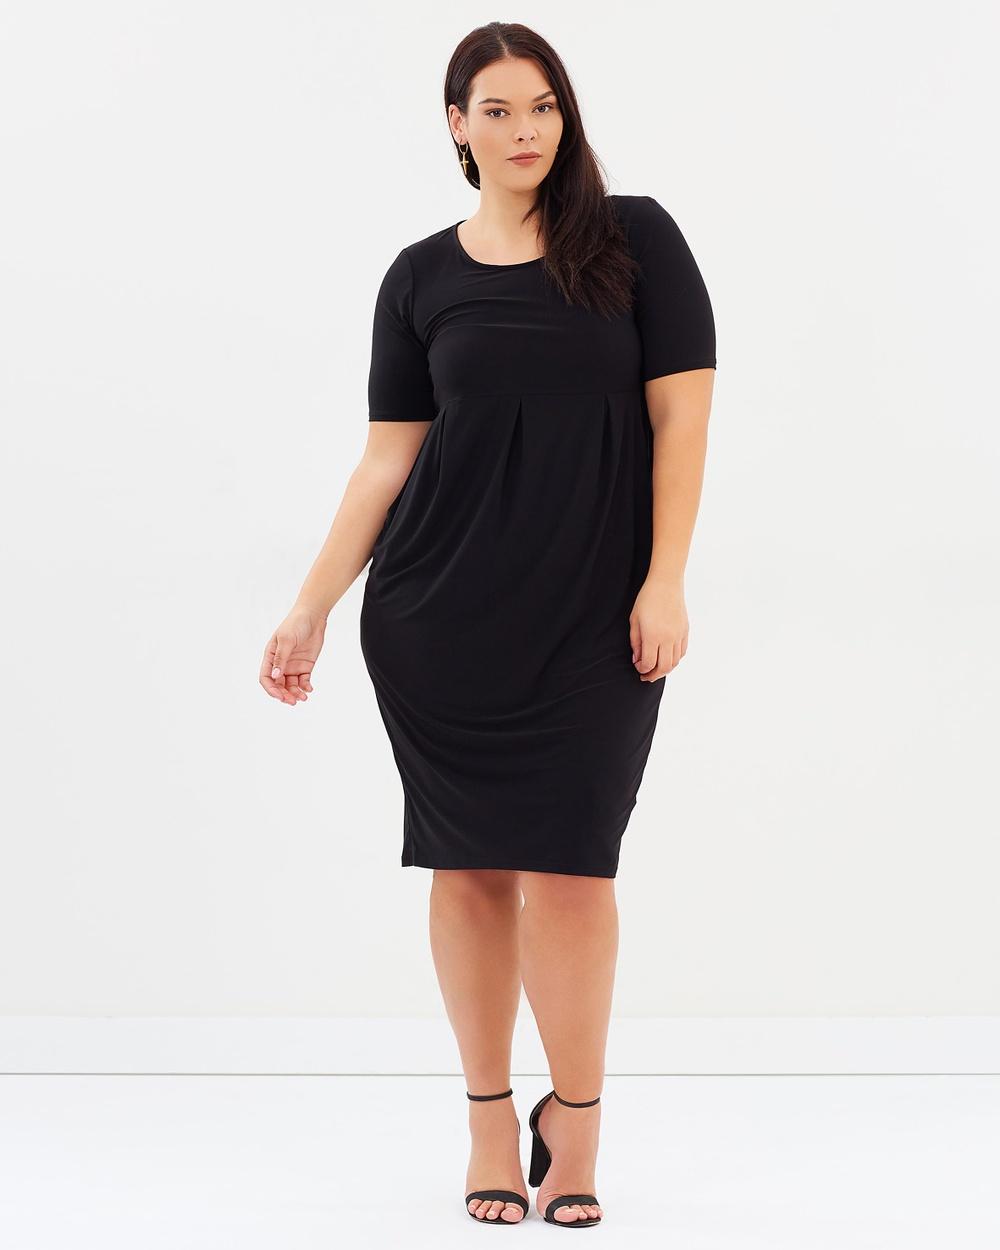 EVANS Scoop Neck Pocket Dress Dresses Black Scoop Neck Pocket Dress